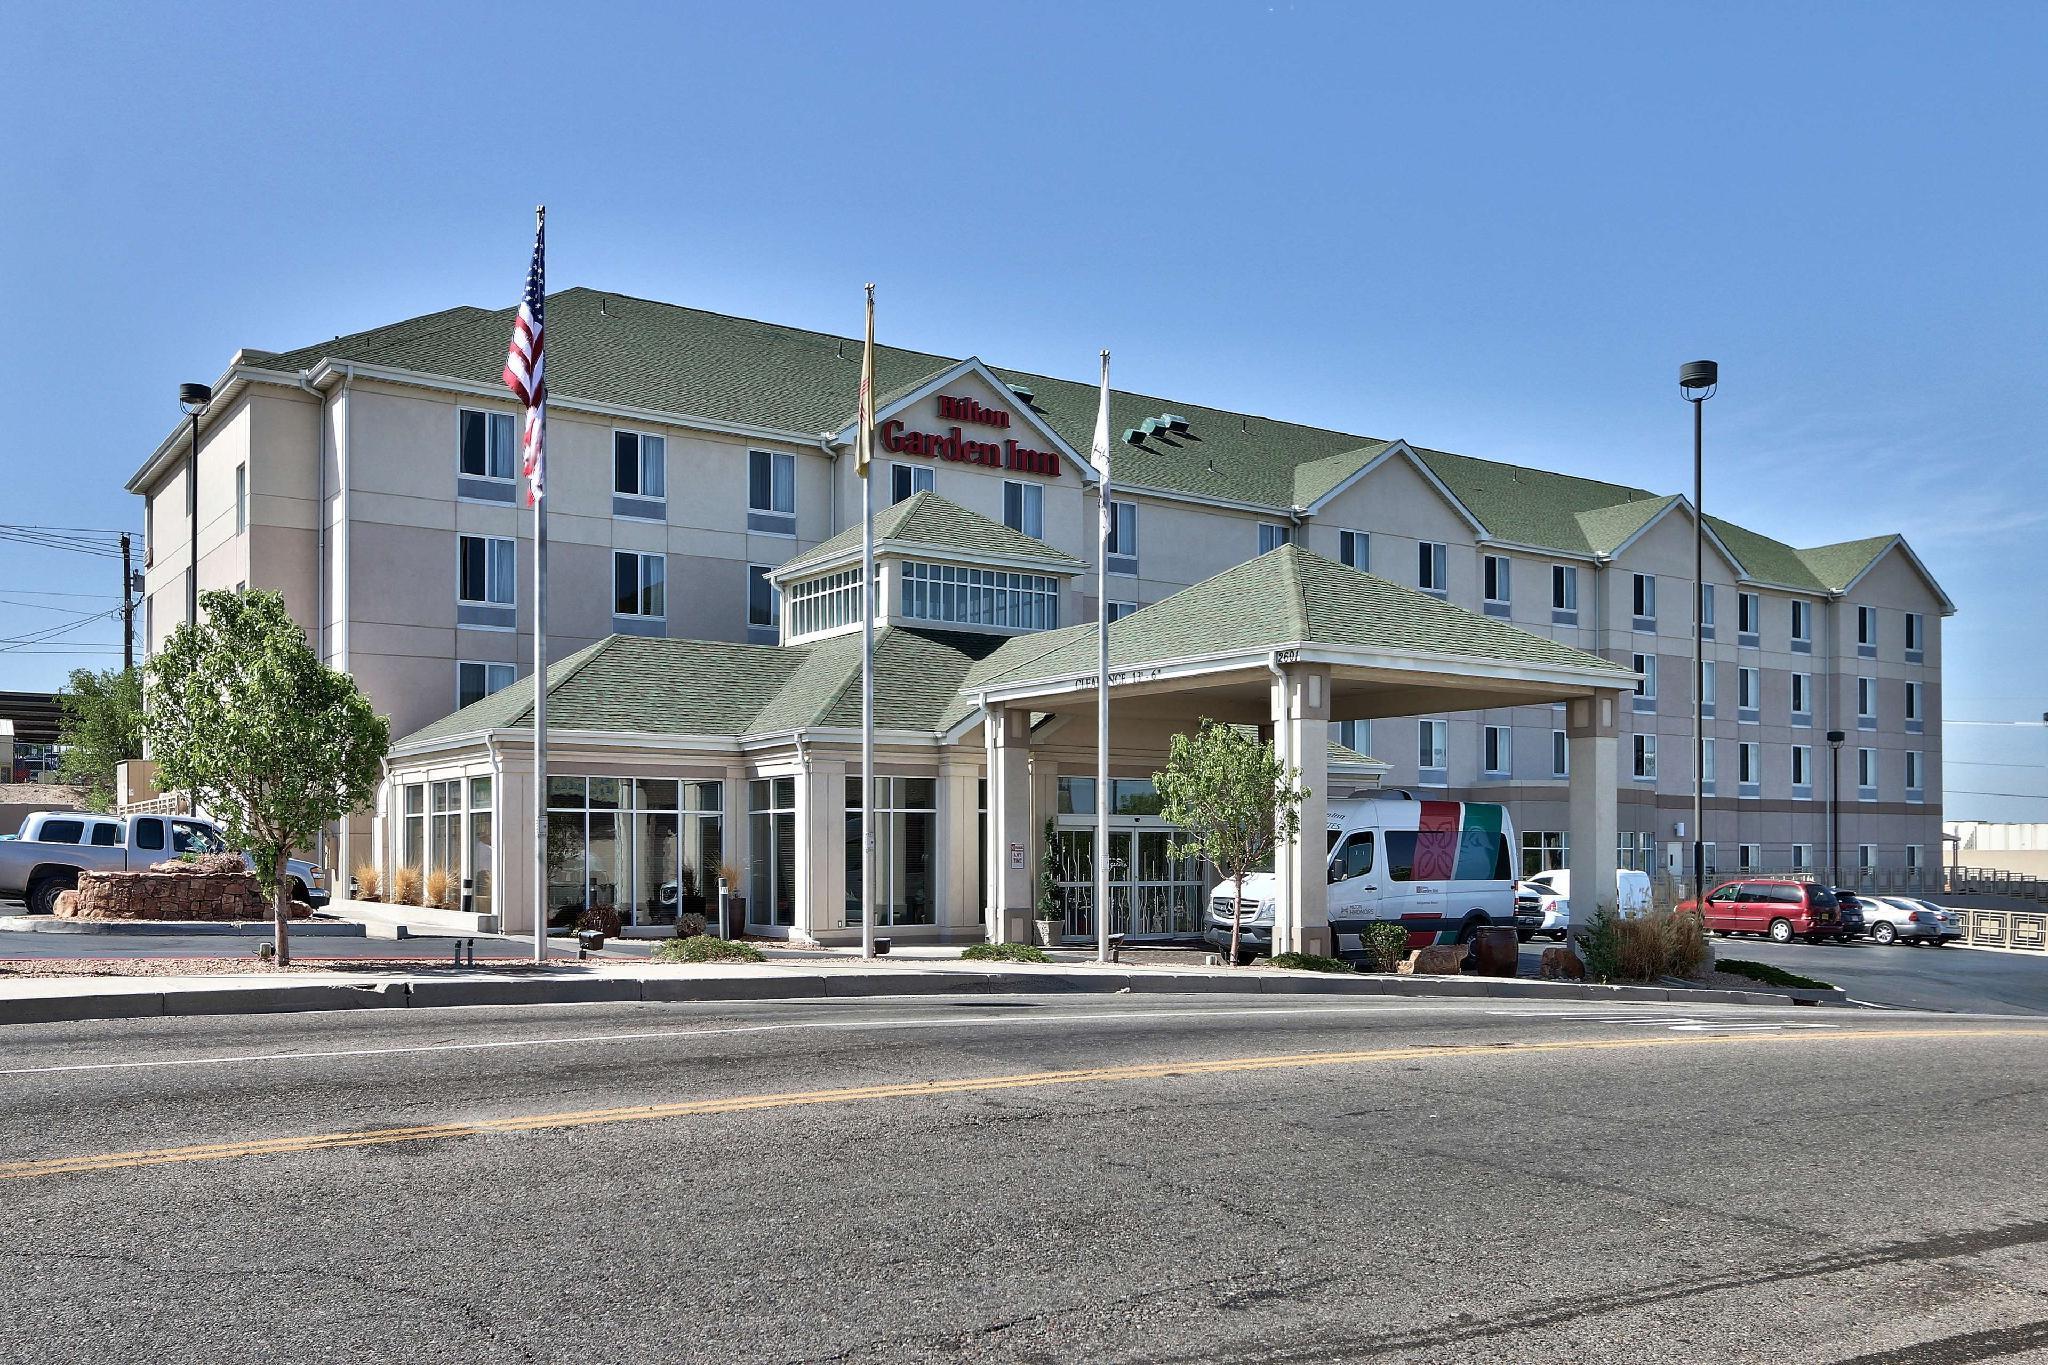 Hilton garden inn albuquerque airport hotel in albuquerque - Hilton garden inn albuquerque journal center ...